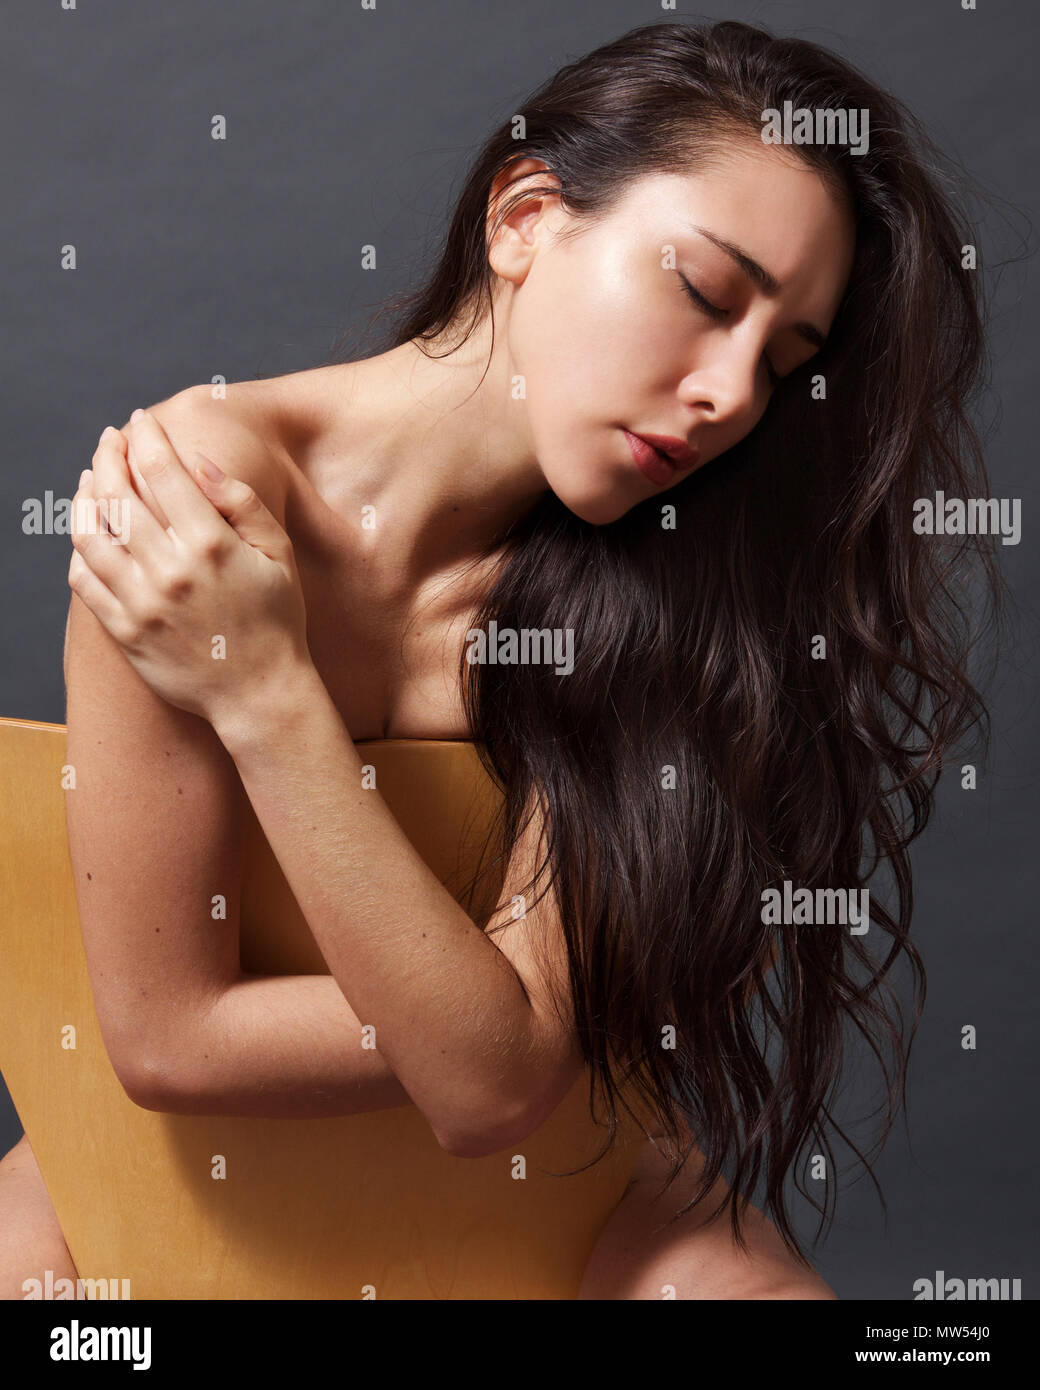 Giovane donna italiana con capelli castani e pieno labbra rosse e abbattuto gli occhi seduti su una sedia Immagini Stock